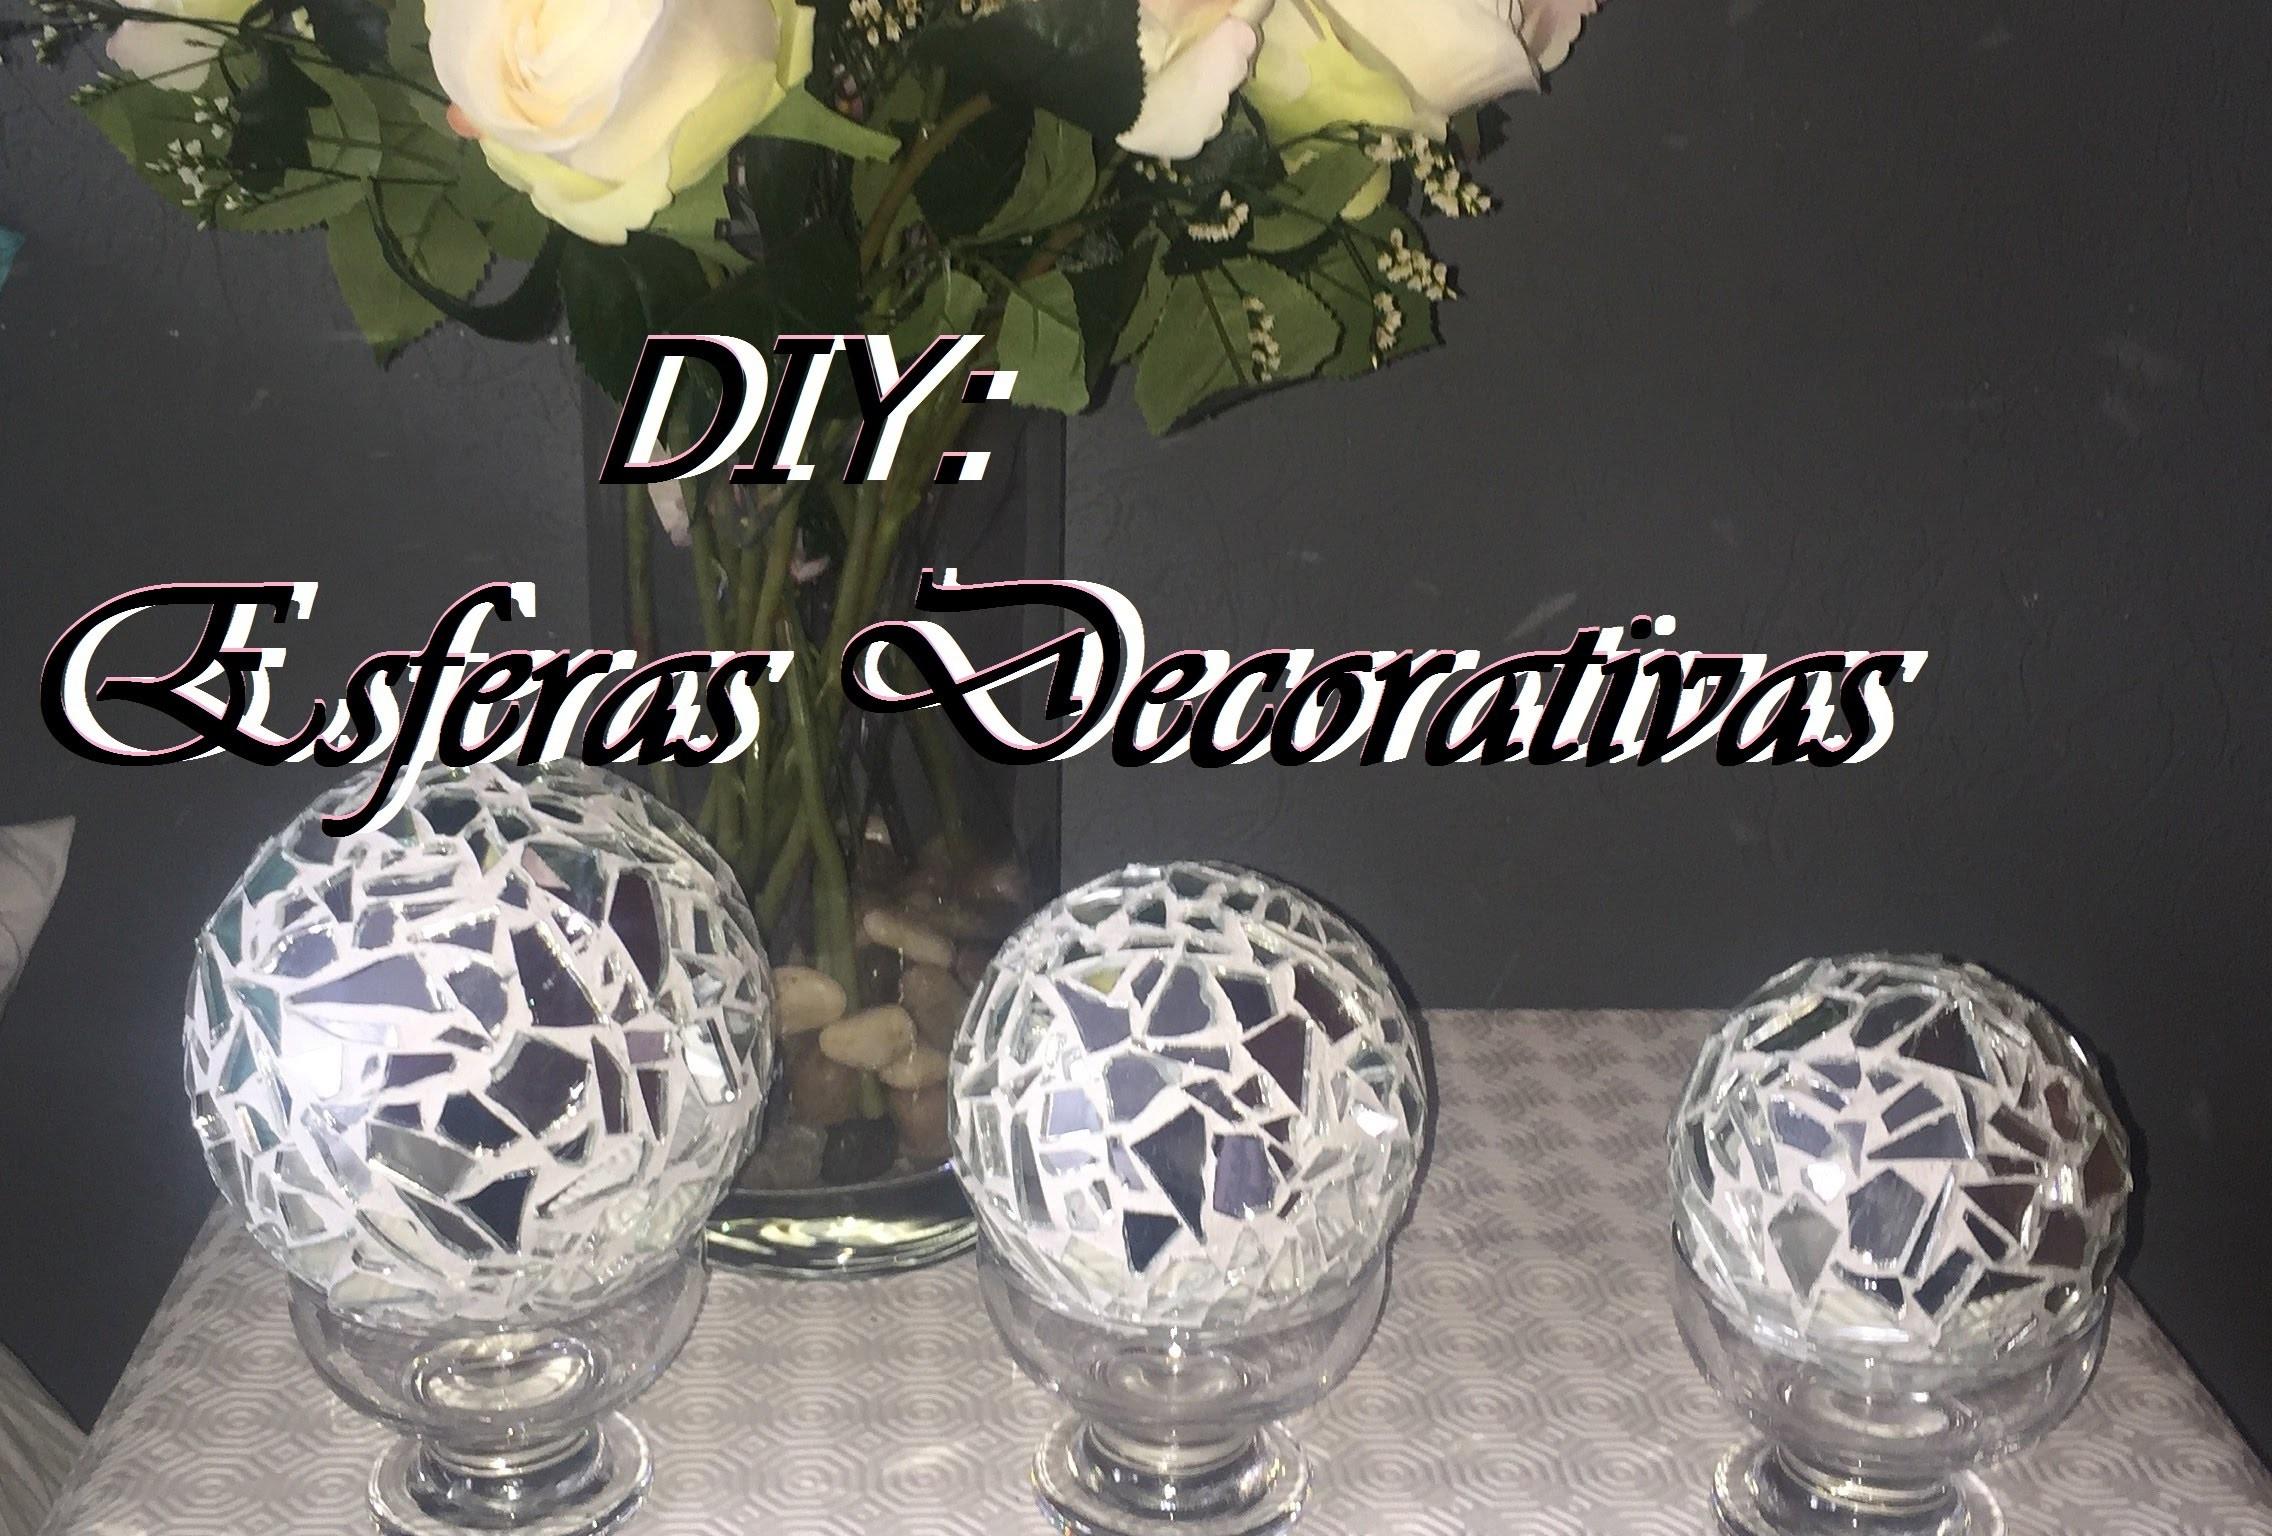 DIY: Esferas Decorativas